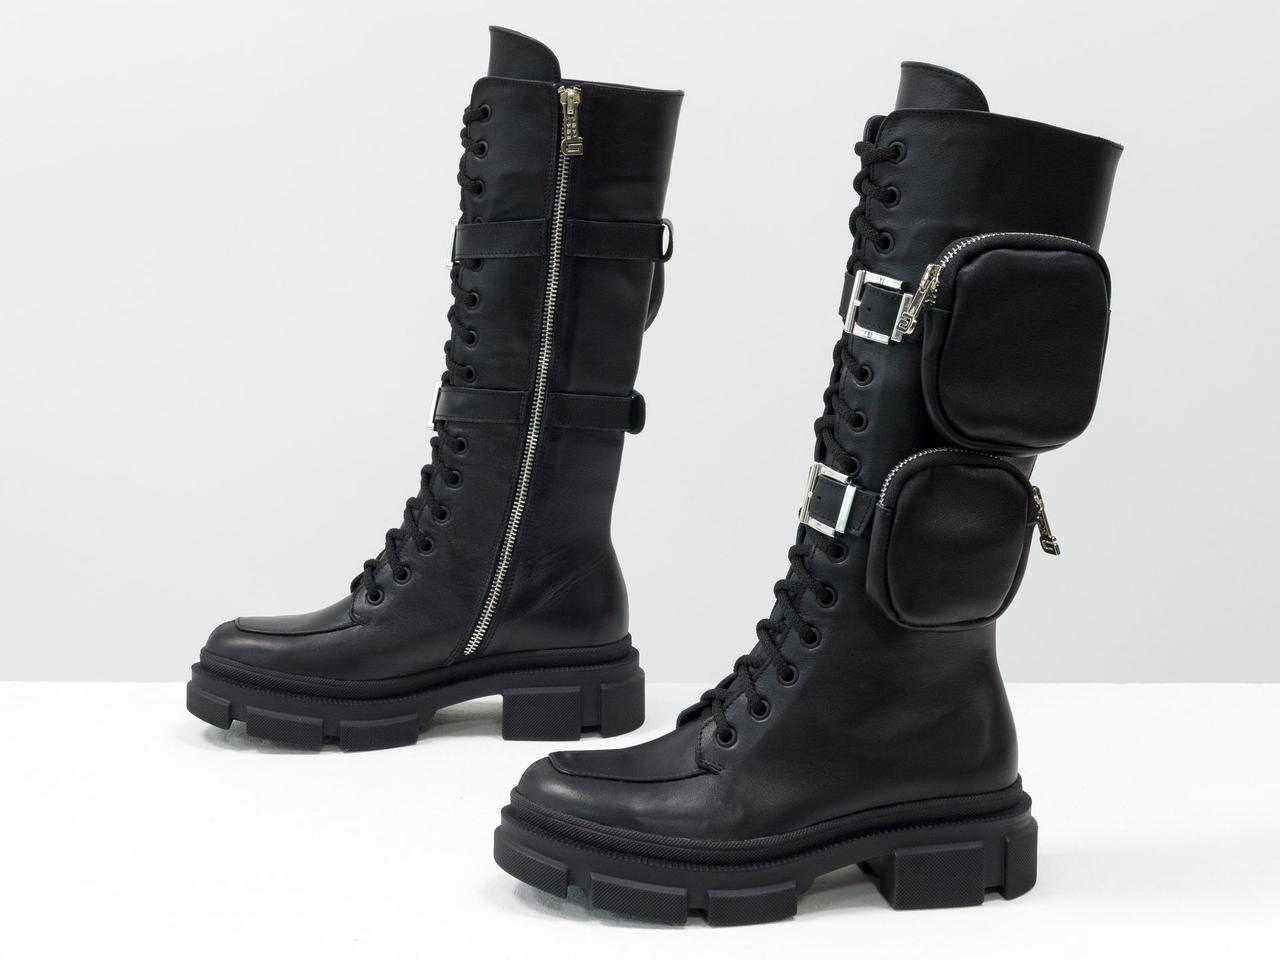 Высокие ботинки на шнуровке из натуральной гладкой лицевой черной кожи на тракторной подошве с кармашками